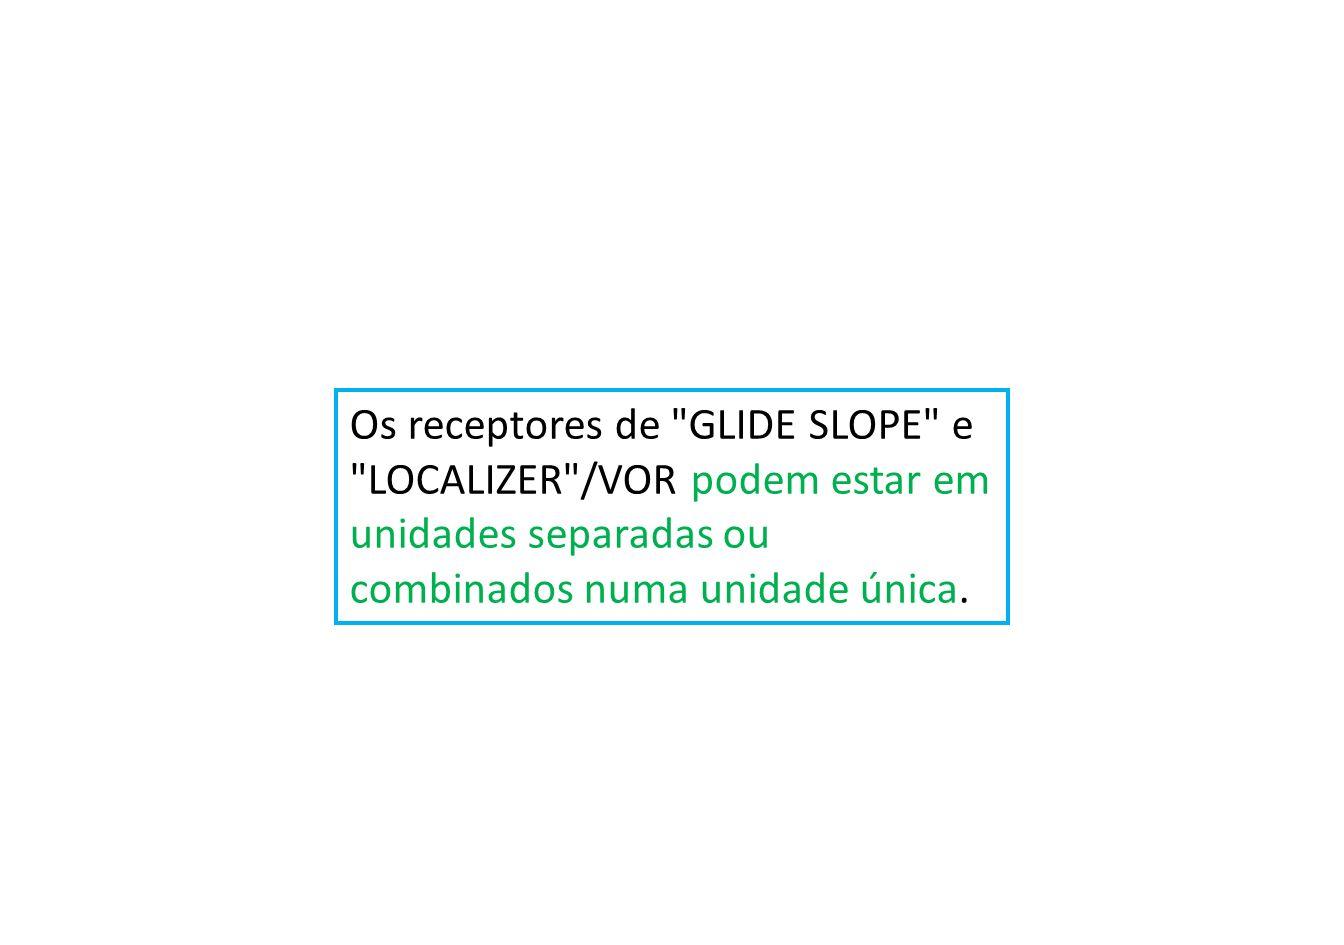 GLIDE SLOPE